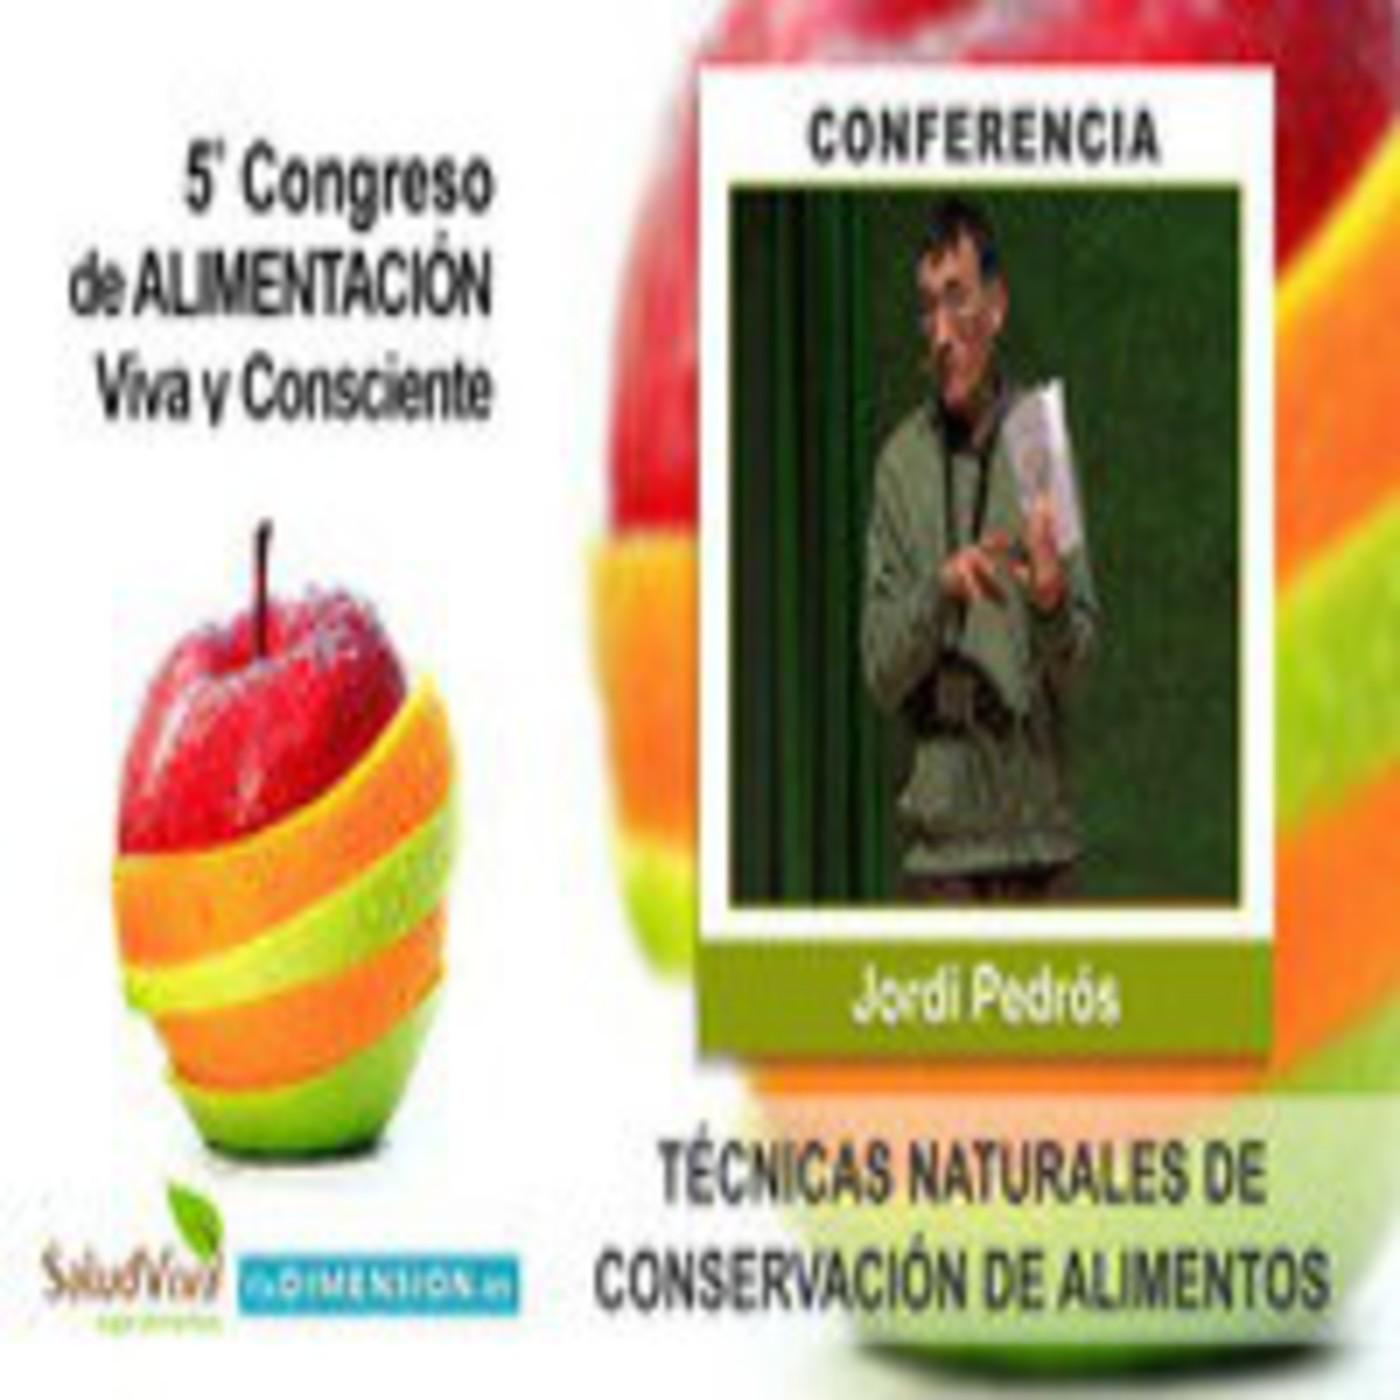 Técnicas Naturales y económicas de conservación de Alimentos - Jordi Pedrós